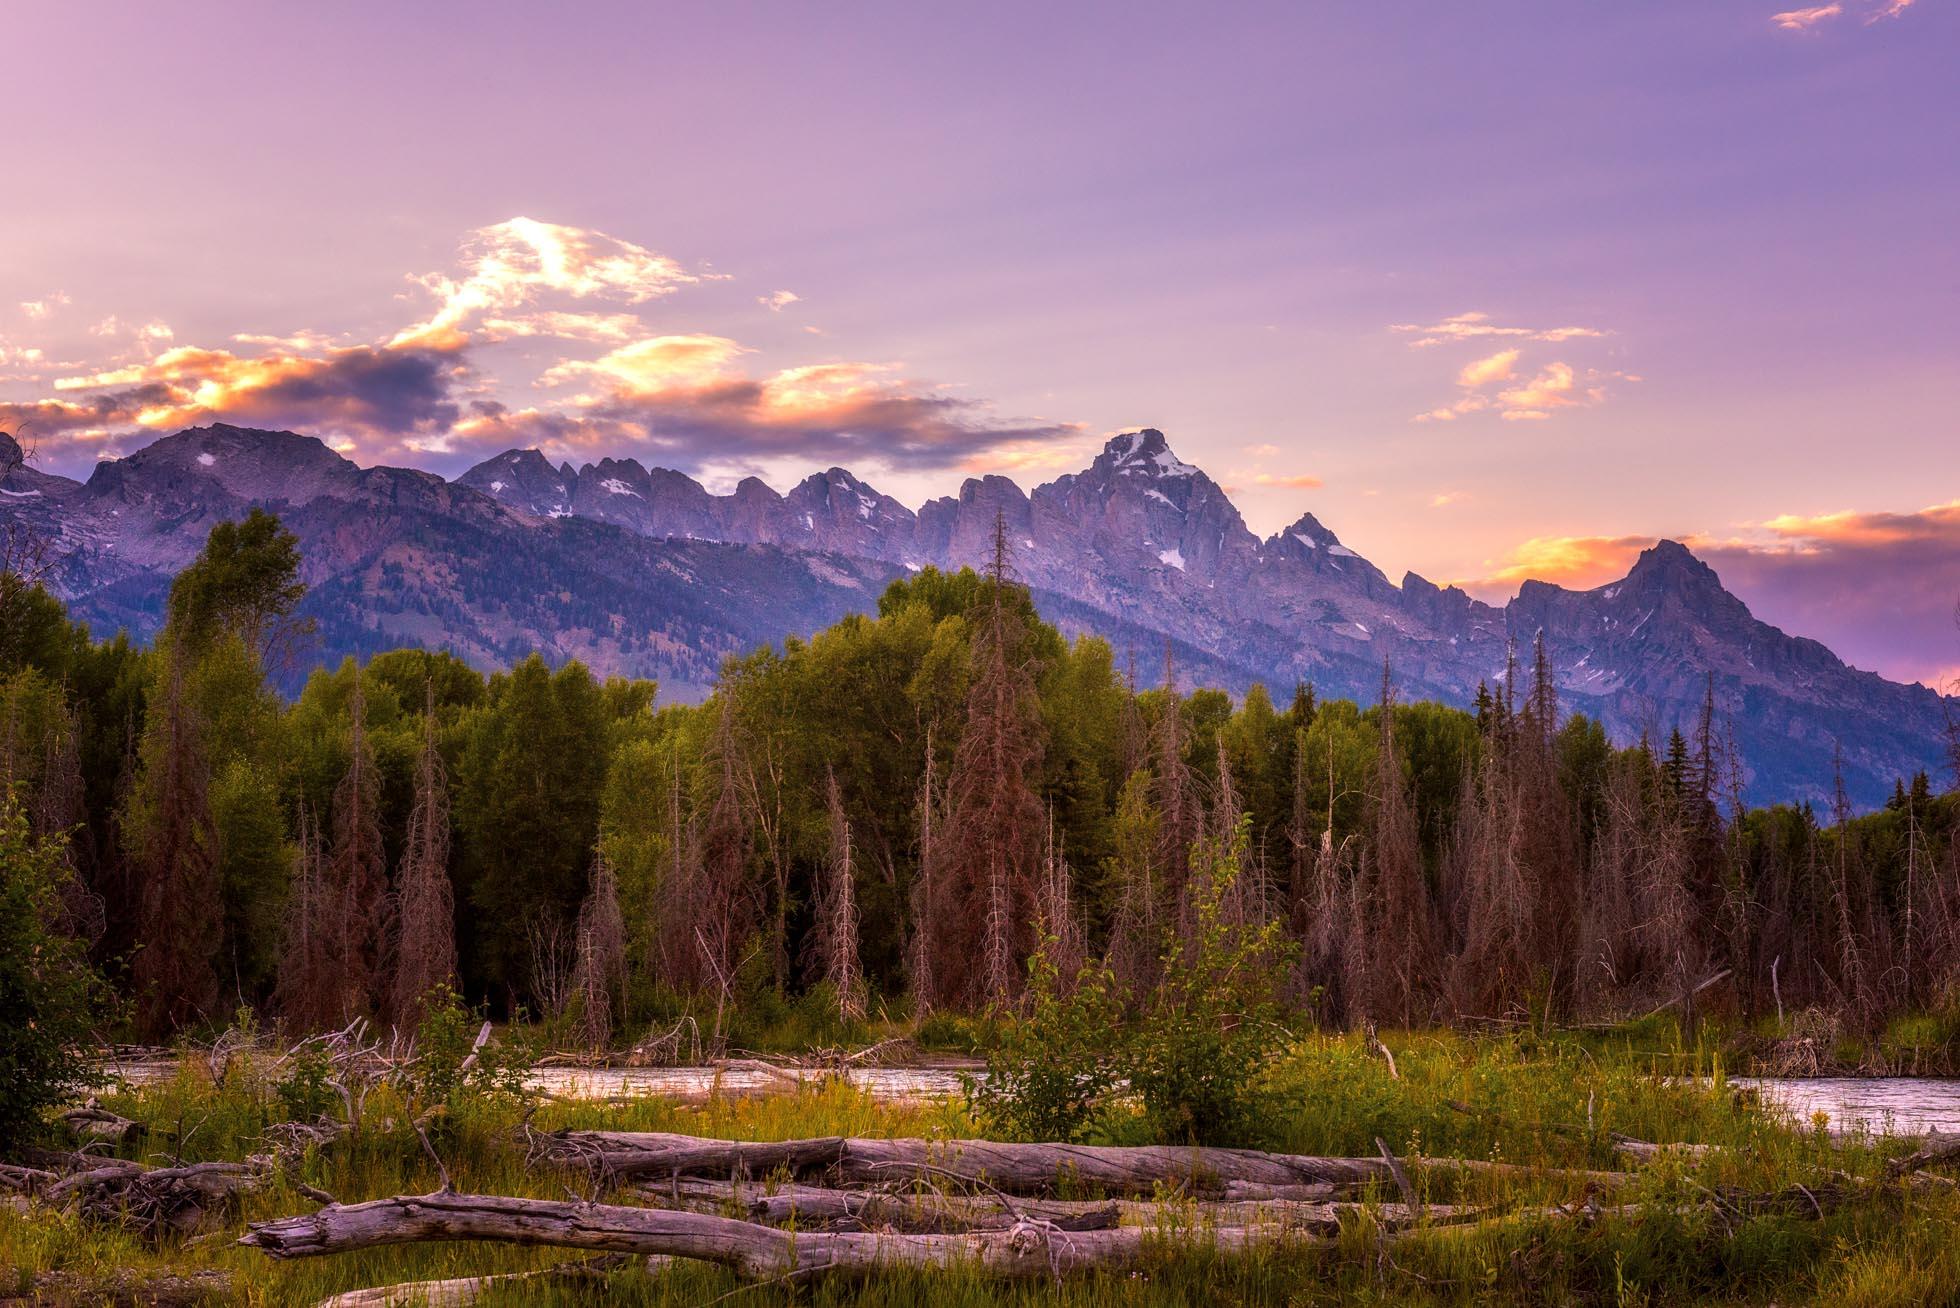 Purple Mountain Majesty By Kristen Ryan